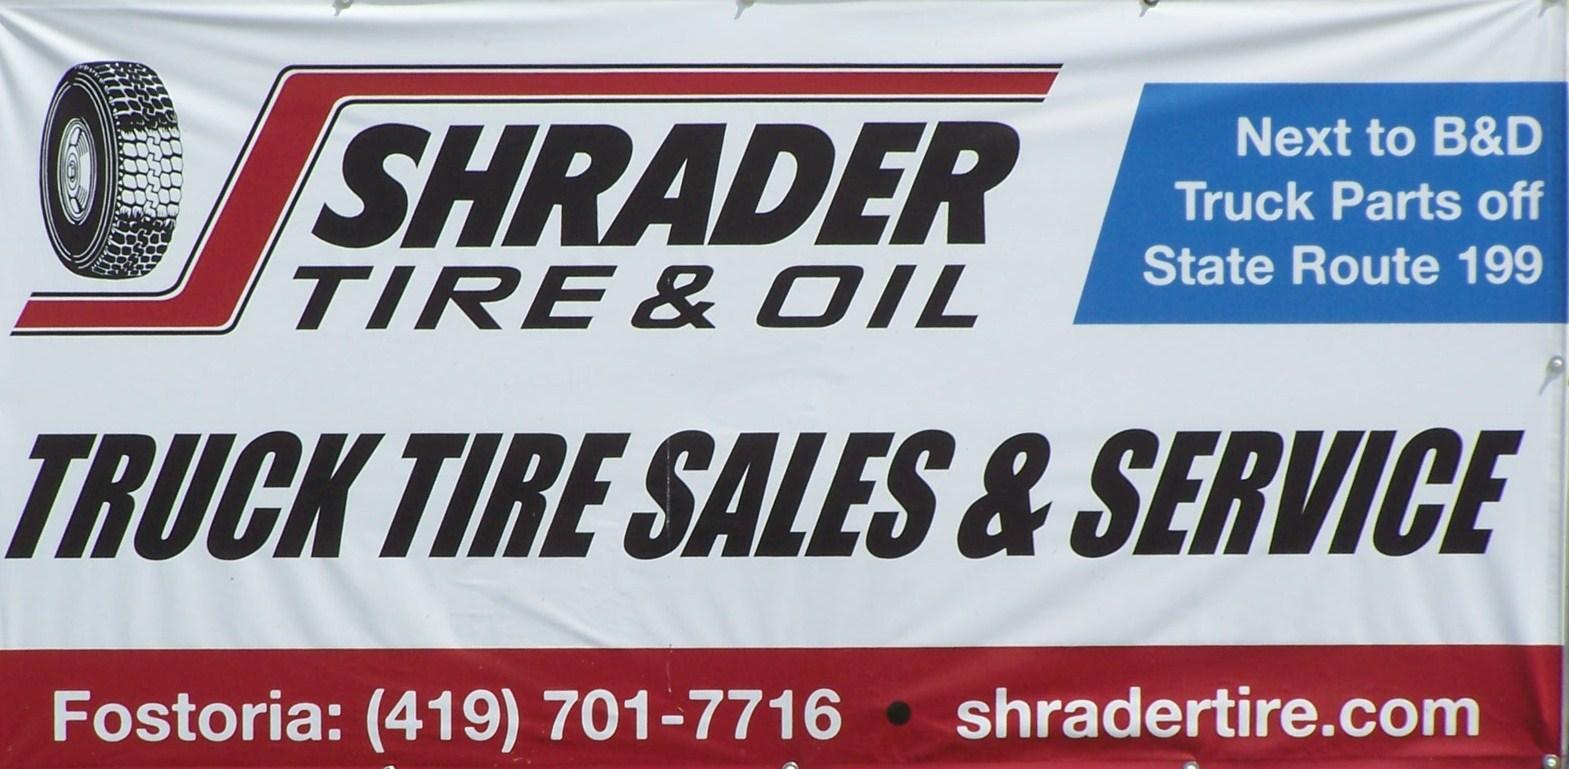 Shrader Tire & Oil